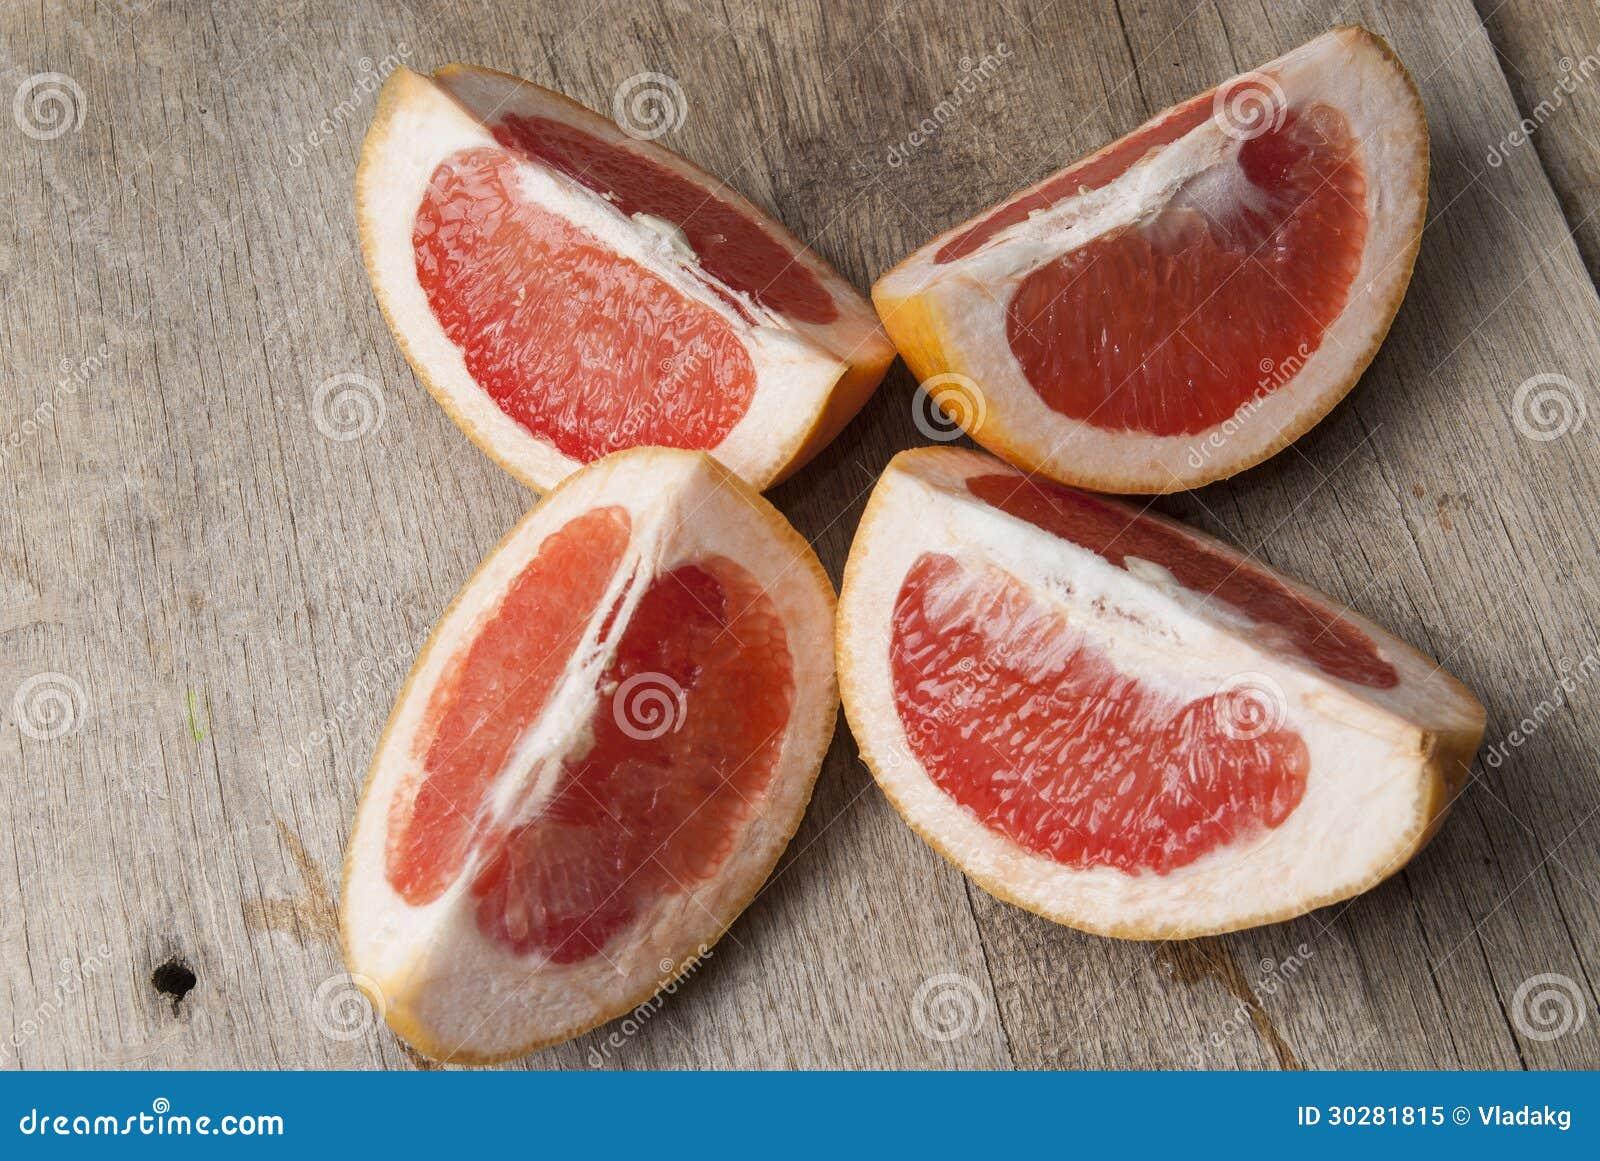 与切片的葡萄柚在一张木桌